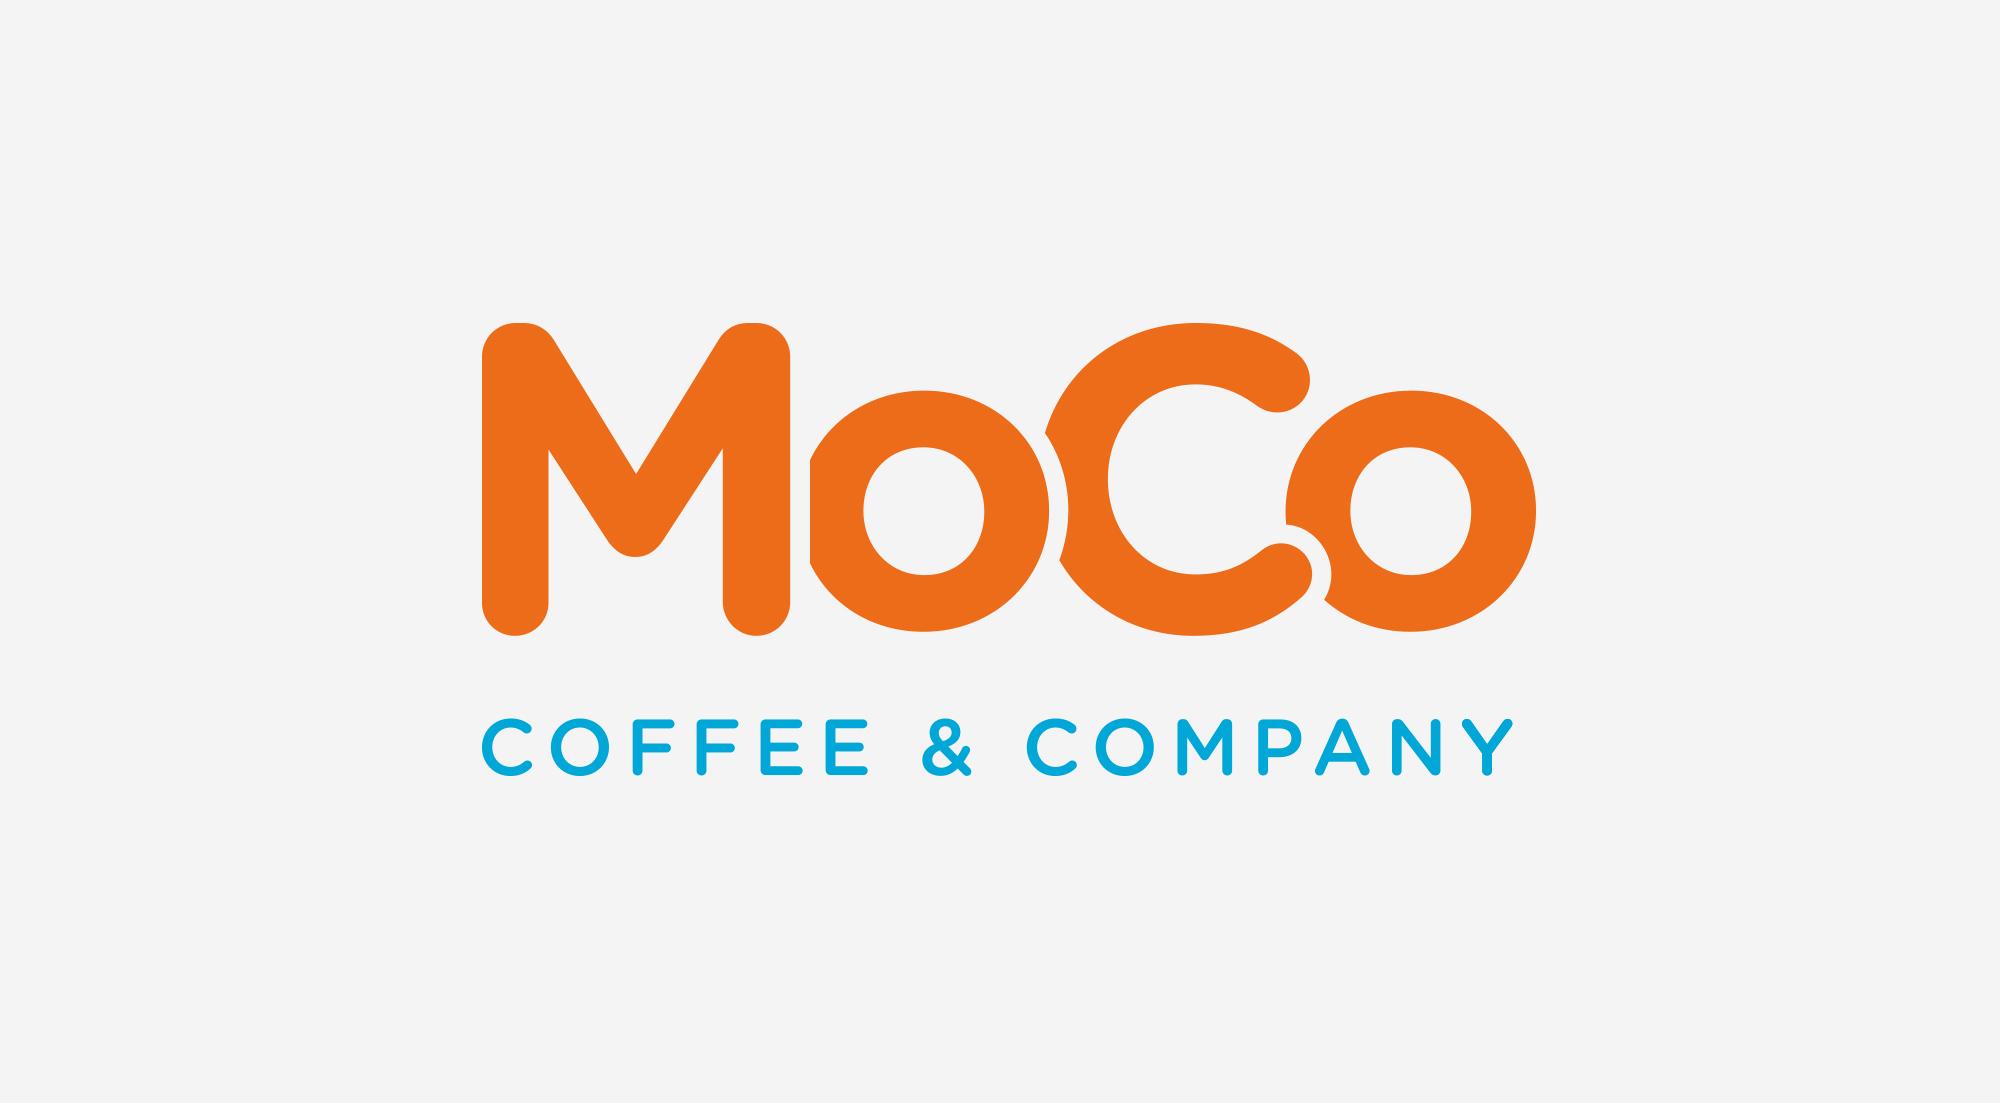 MoCo Coffee & Company brand ID